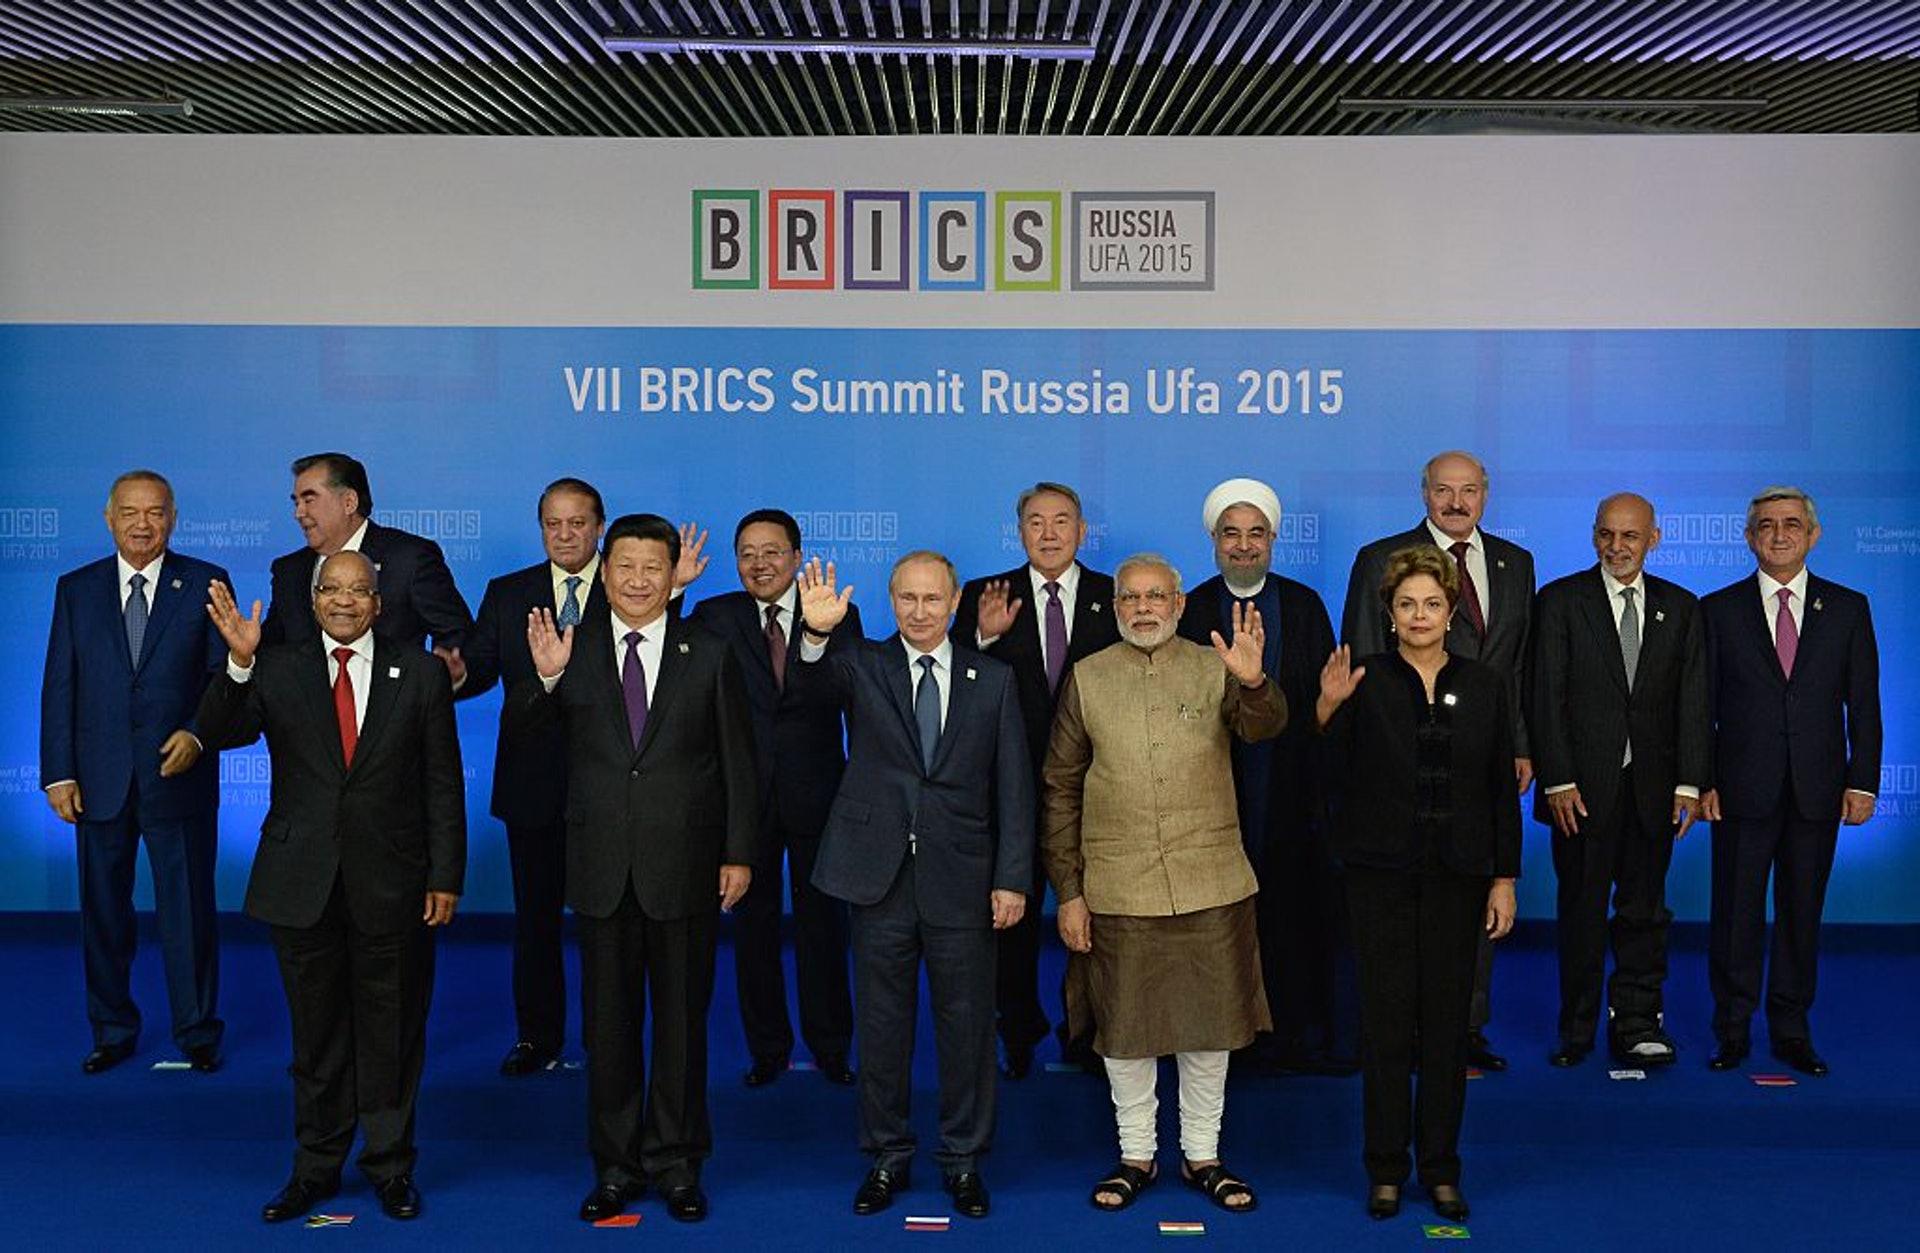 金磚五國峰會:2019年金磚國家峰會於11月13至14日在巴西舉行。圖為2015年7月10日,有份出席金磚國家峰會的五國領導人以及受邀國家領袖在俄羅斯烏法(Ufa)拍攝大合照。(Getty Images)